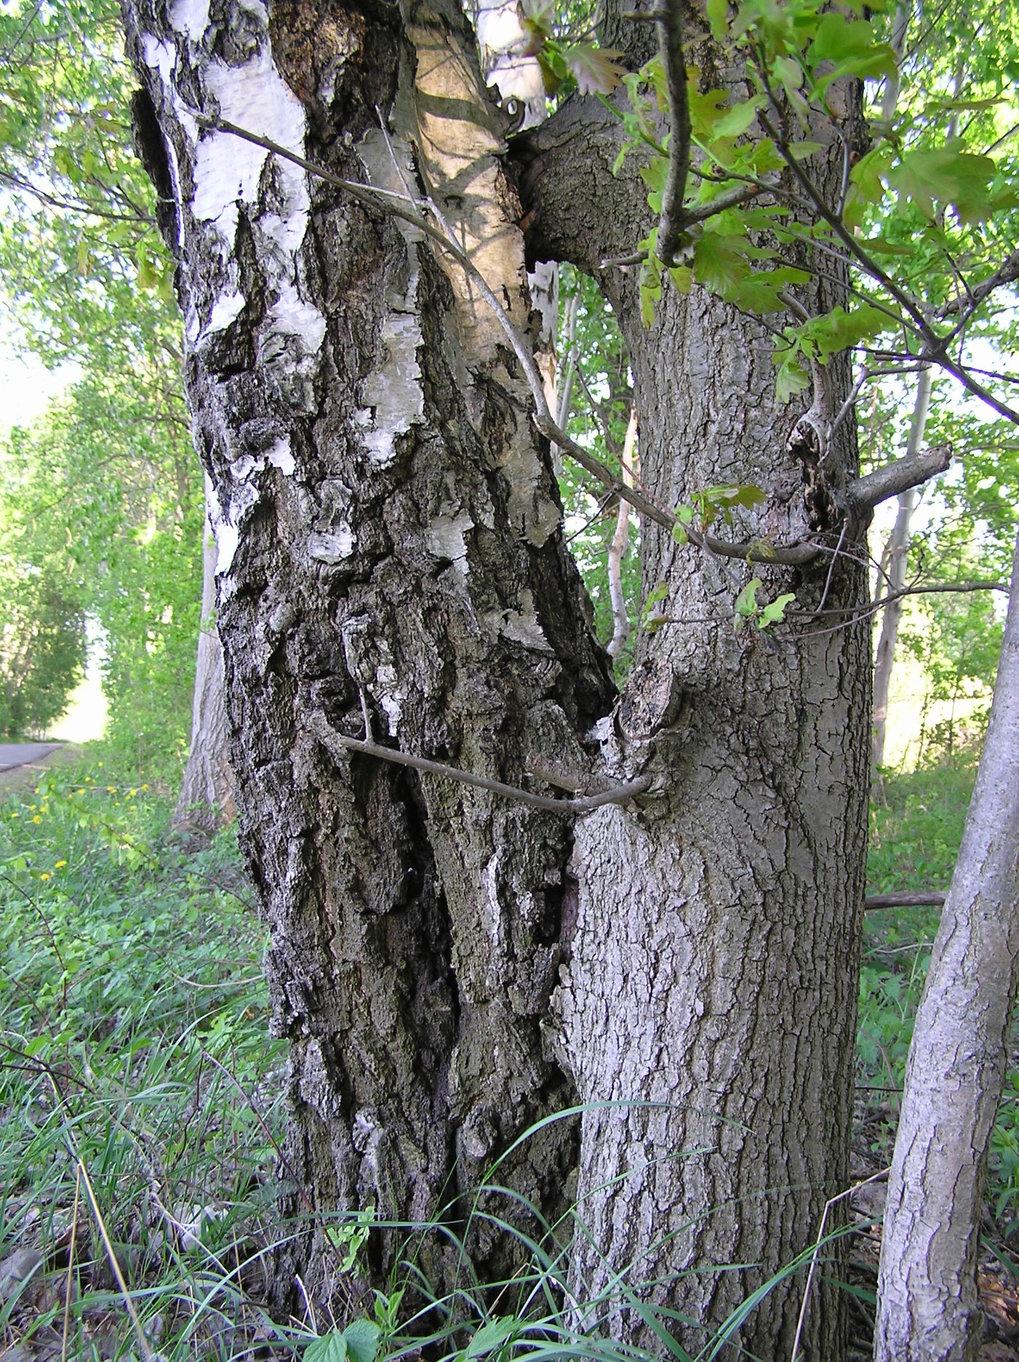 Natürliche Pfropfung zwischen einer Birke (links) und einer Eiche (rechts). Sexuell inkompatible Spezies können an solchen Stellen Chloroplastengenome